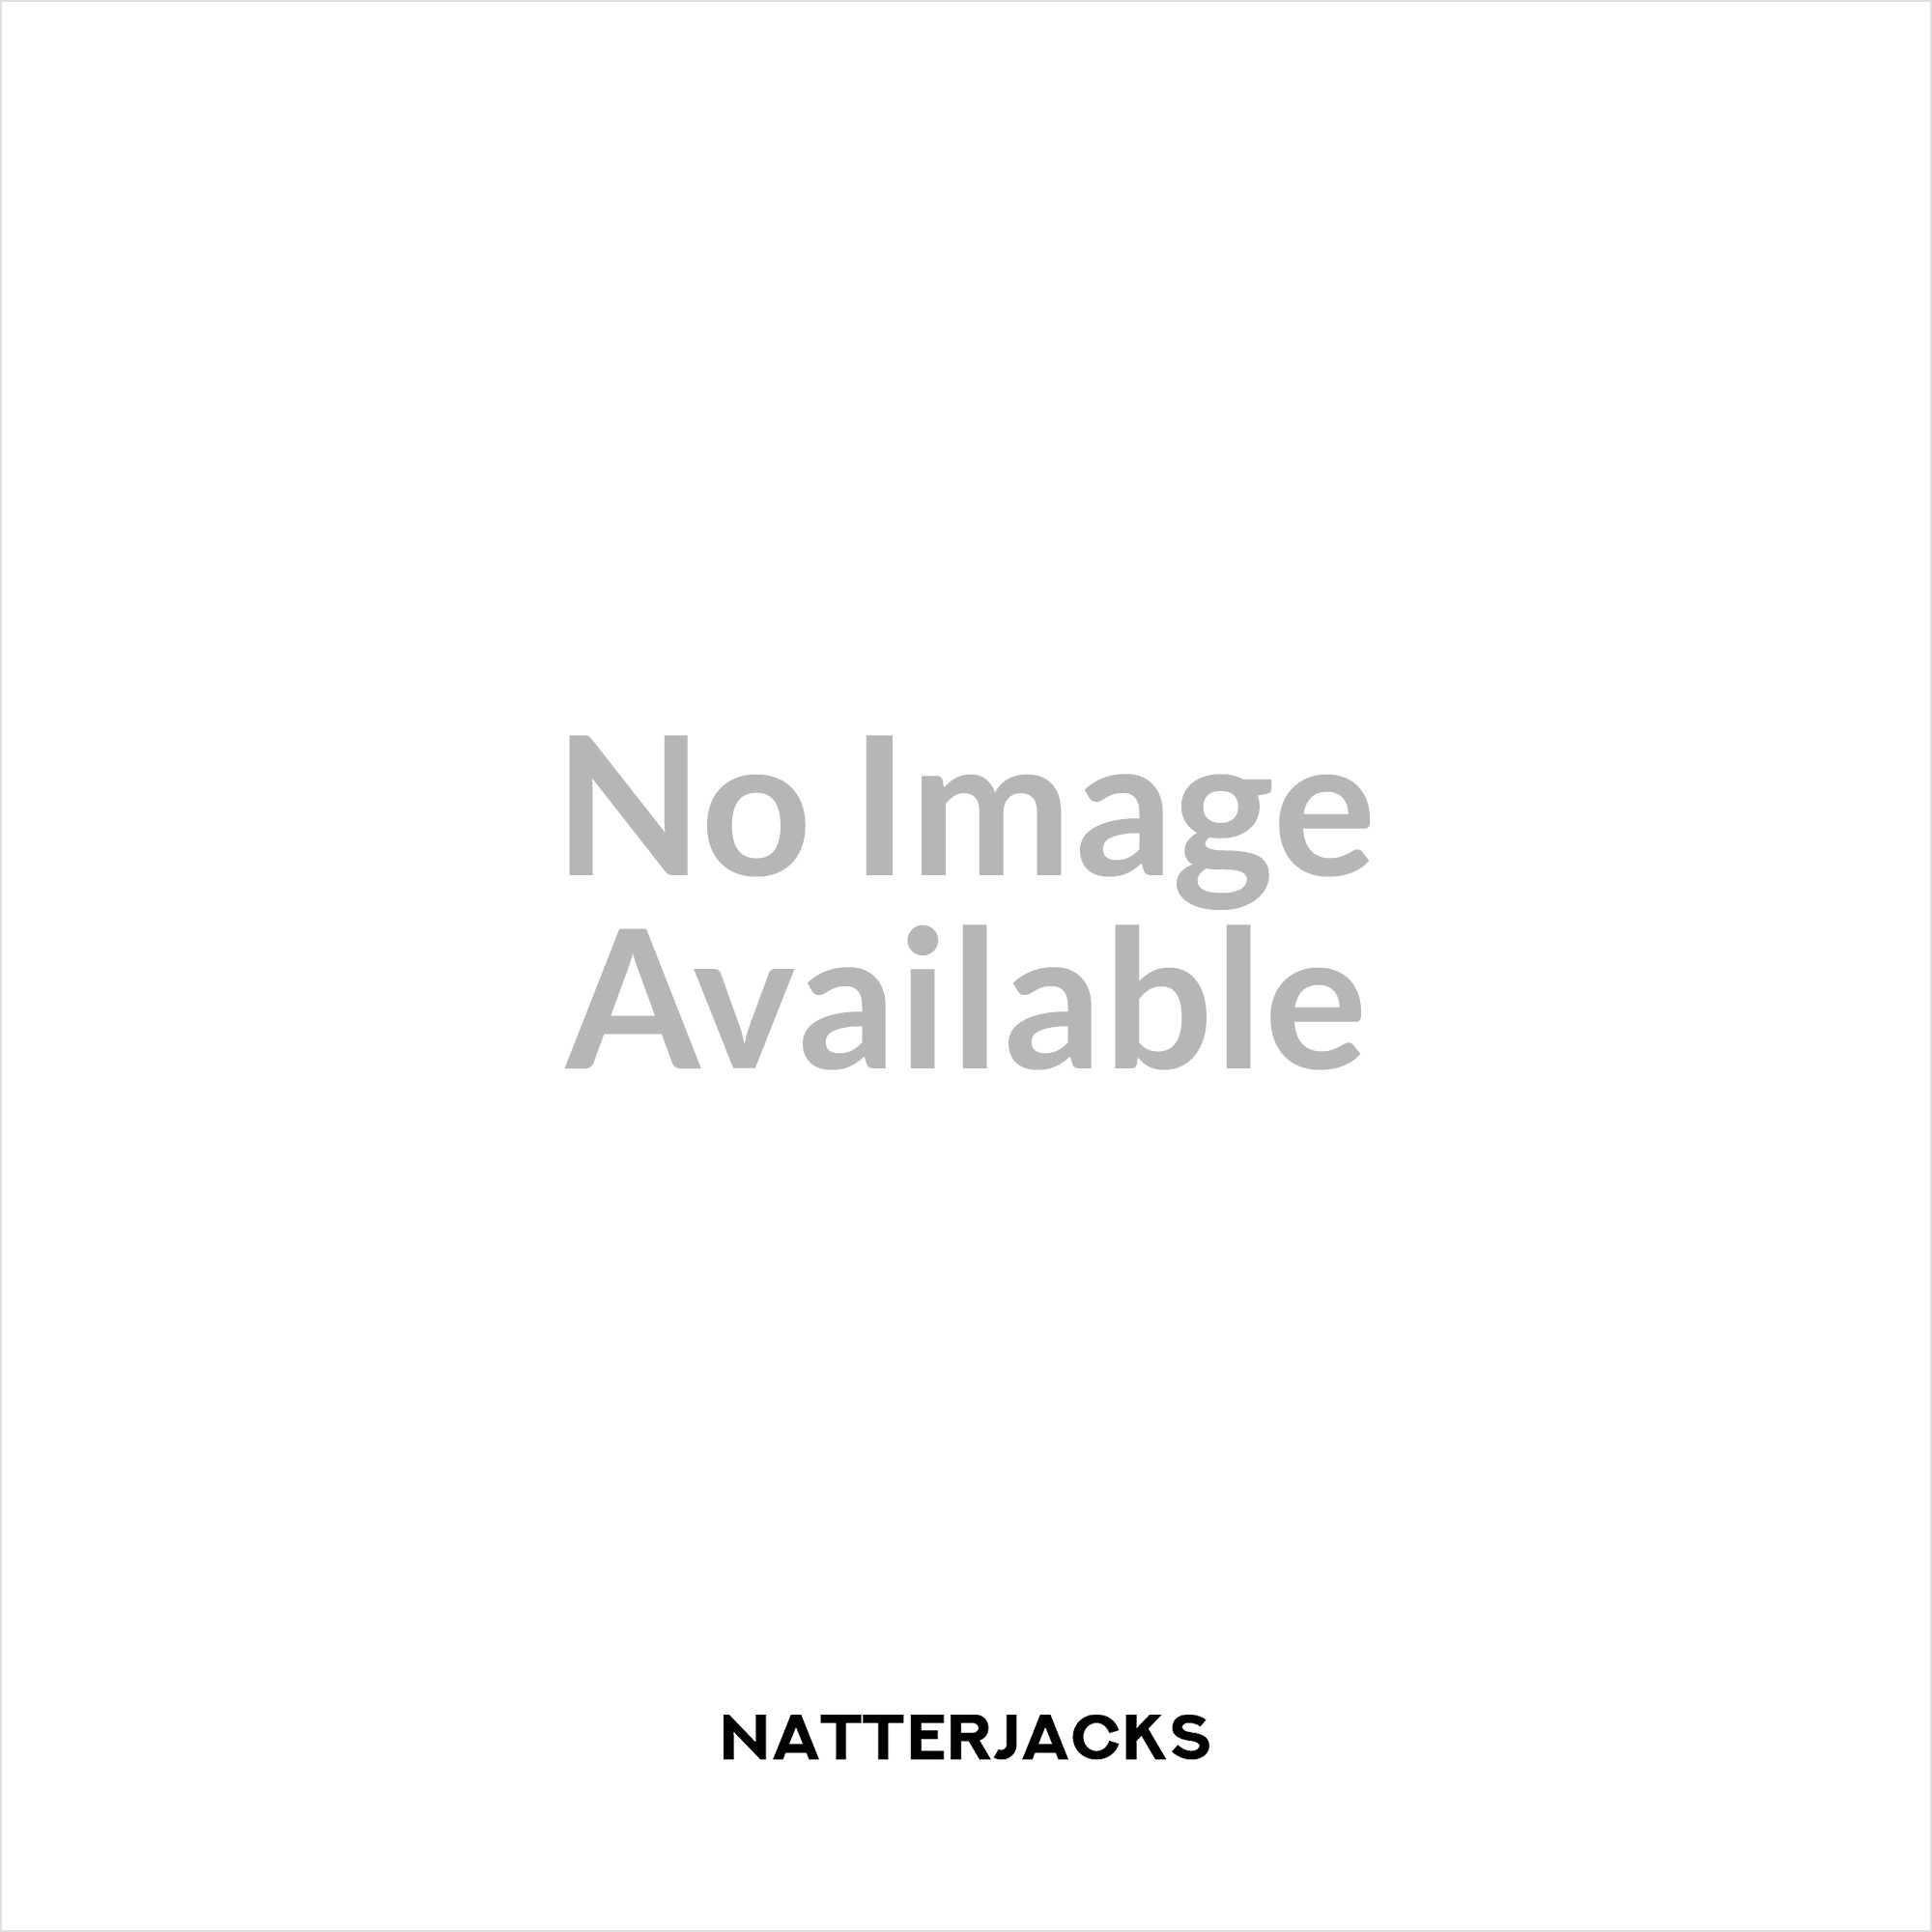 b515d1190a5b5 Makia Waypoint Jacket Black | Clothing | Natterjacks